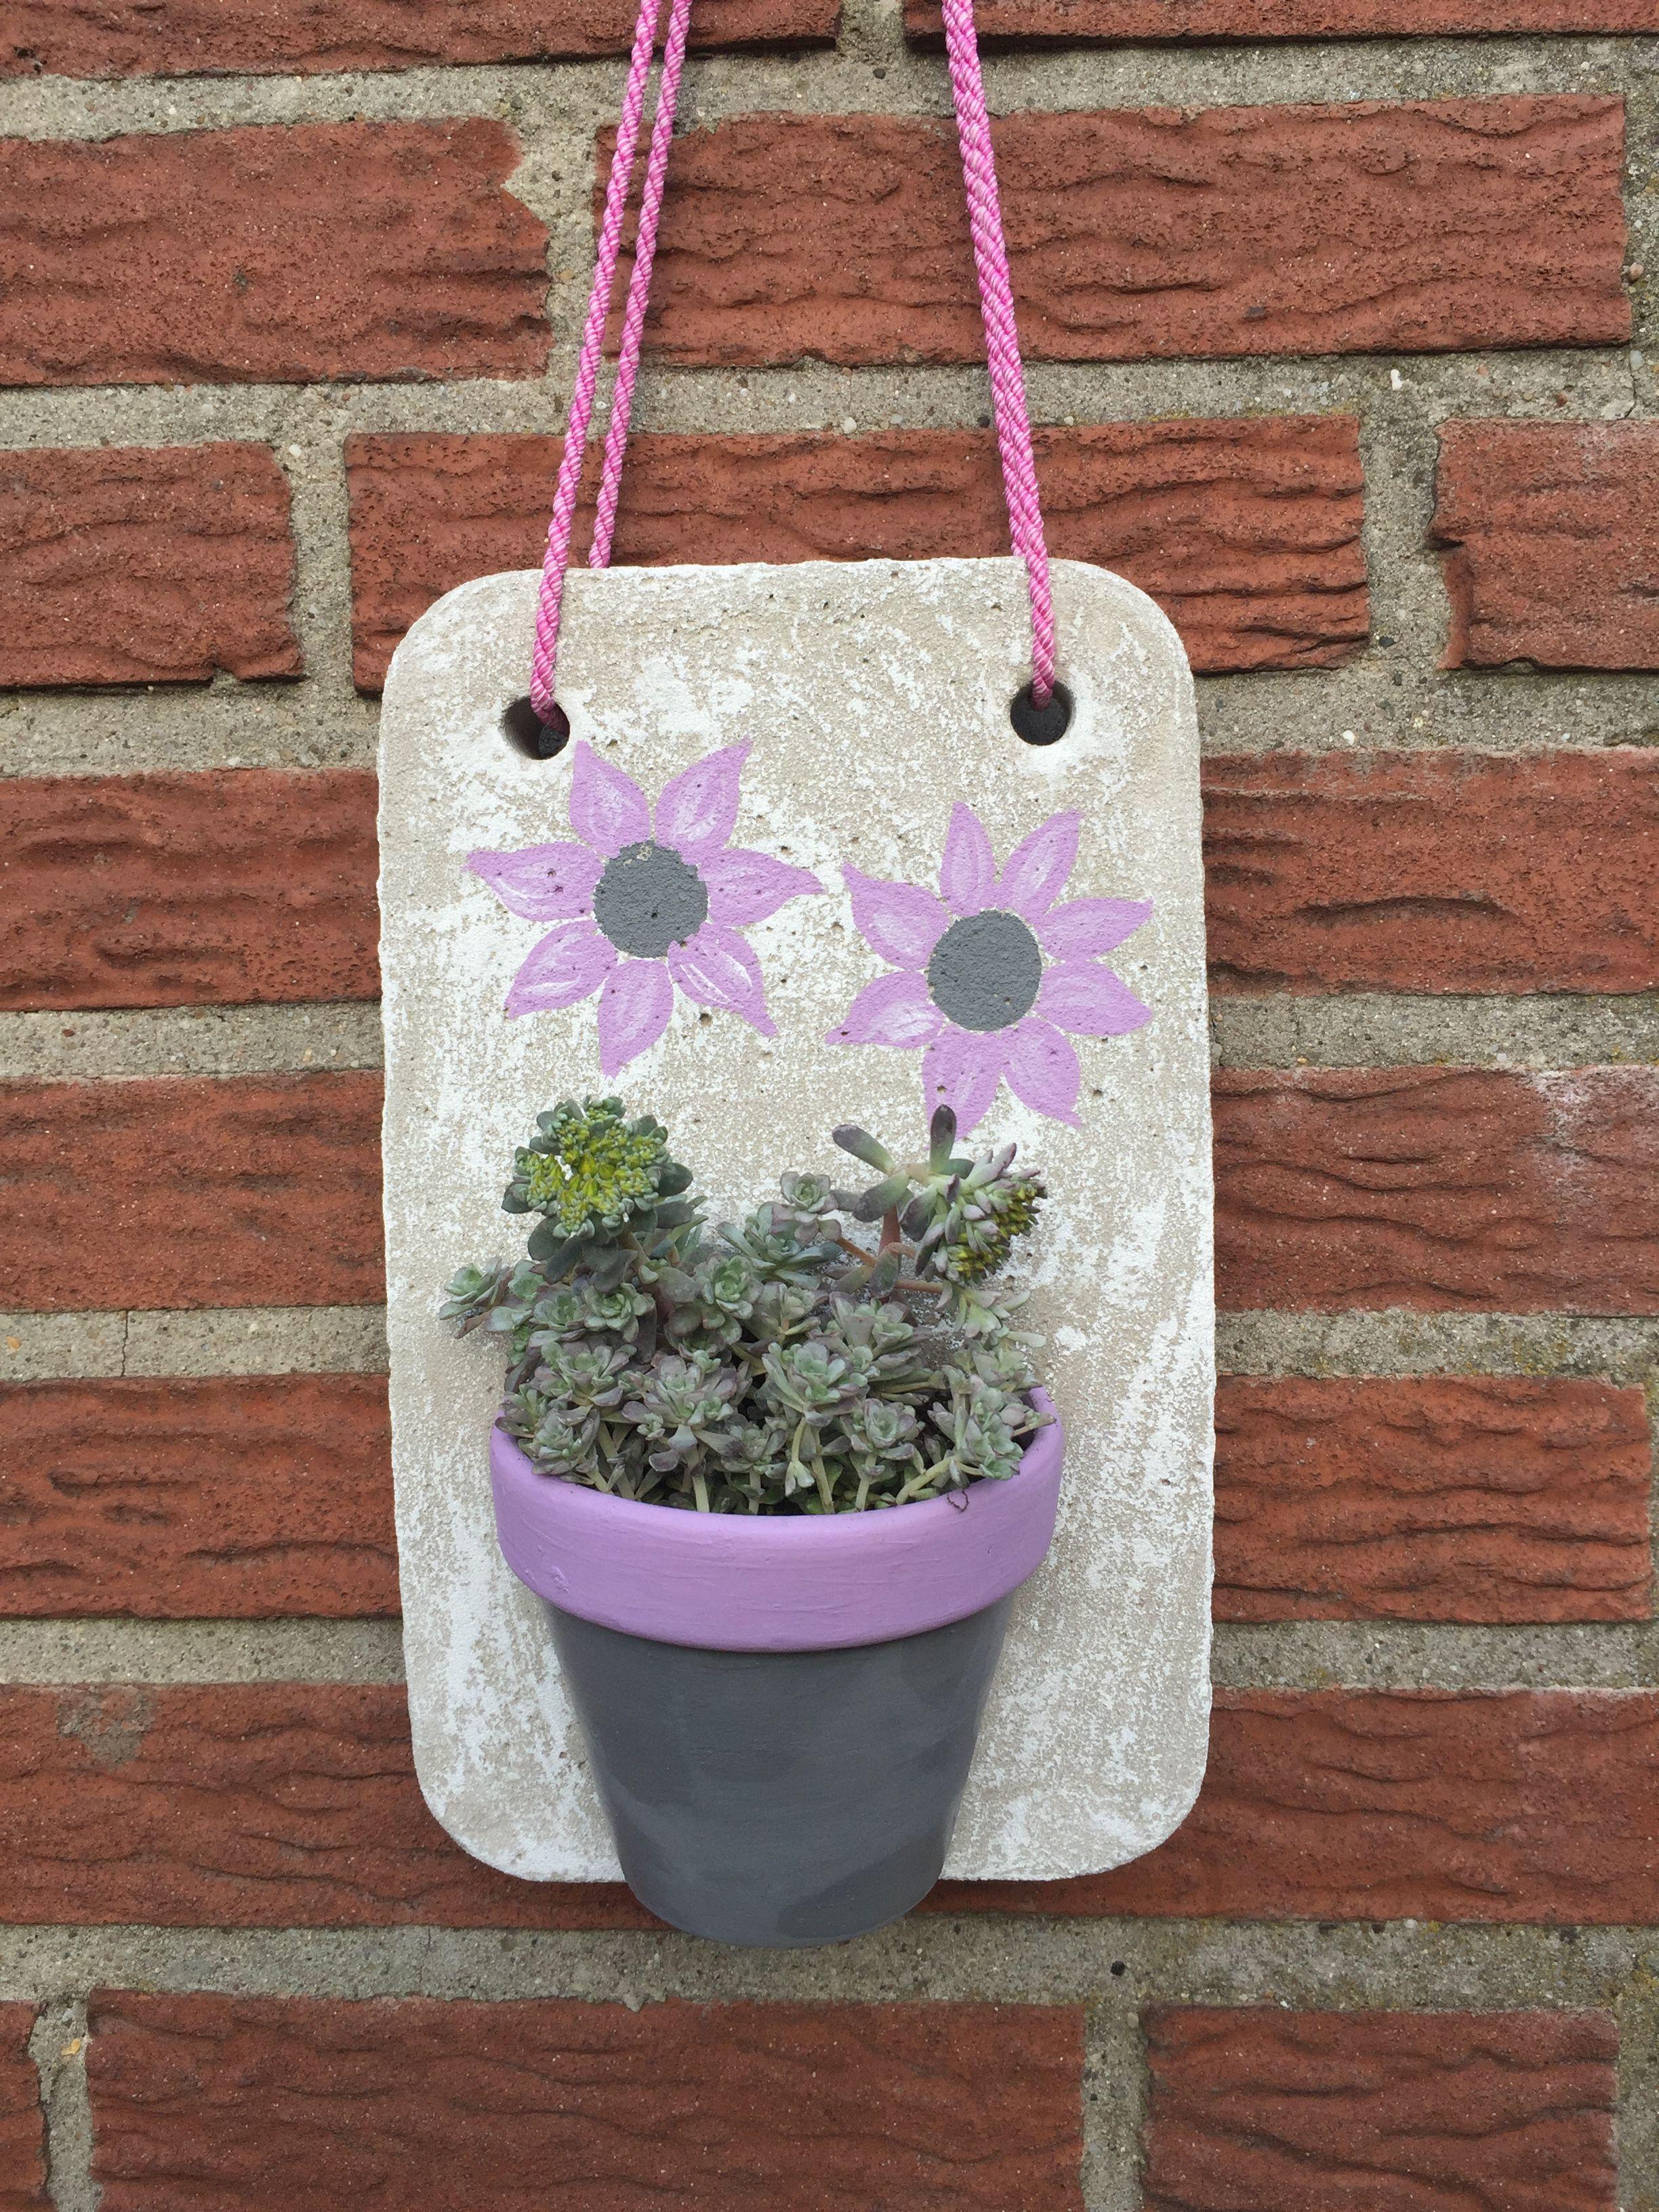 schöne gartendekoration aus beton mit sukulente bepflanzt | beton, Gartenarbeit ideen